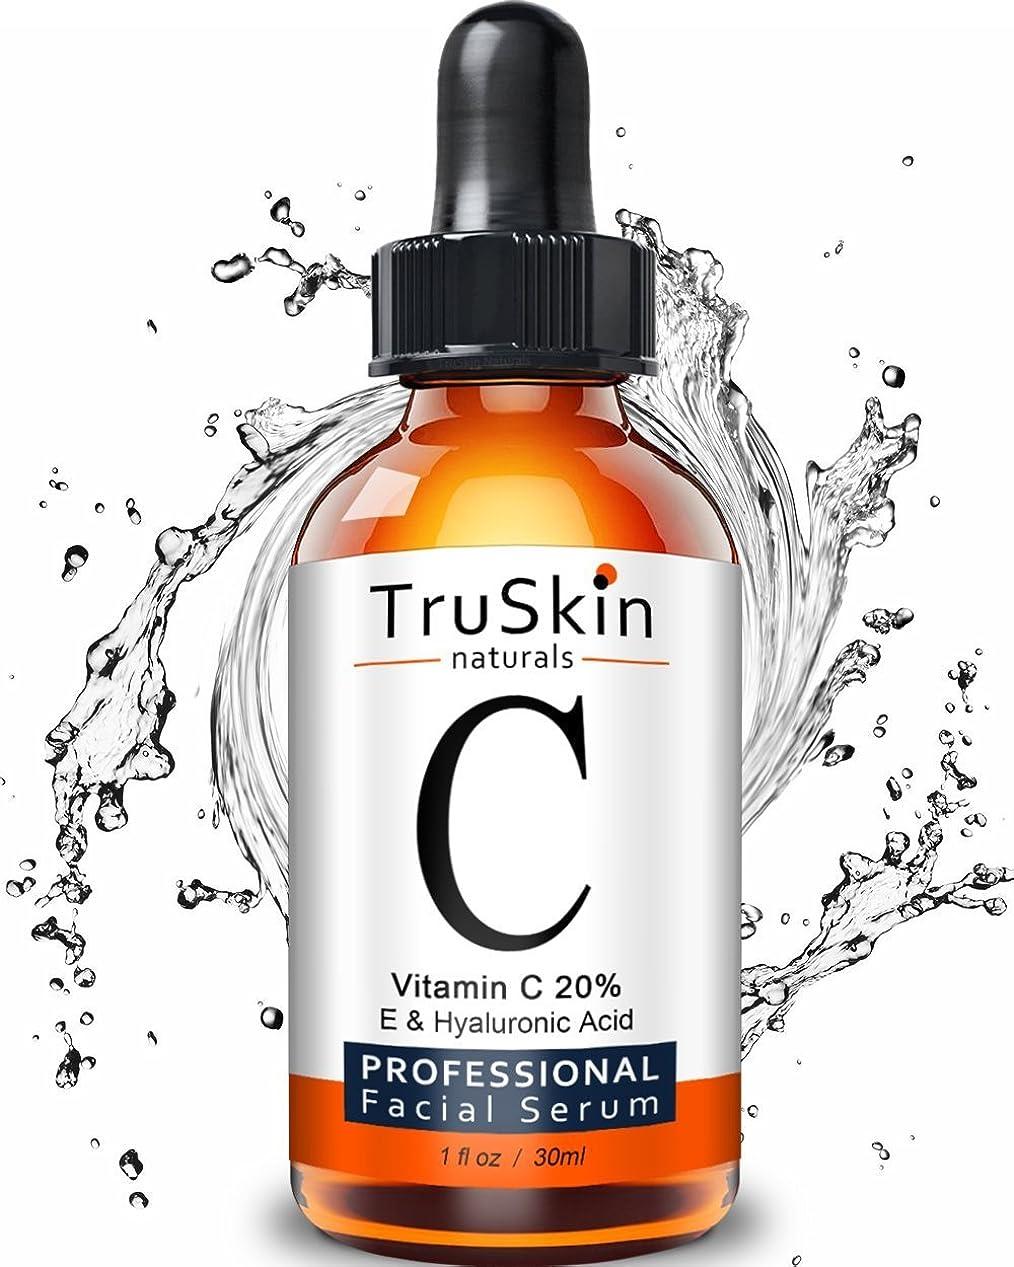 アスリート企業ジェームズダイソンアメリカで一番売れてる TruSkin Naturals社 の オーガニック ビタミンCセラム TruSkin Naturals Vitamin C Serum